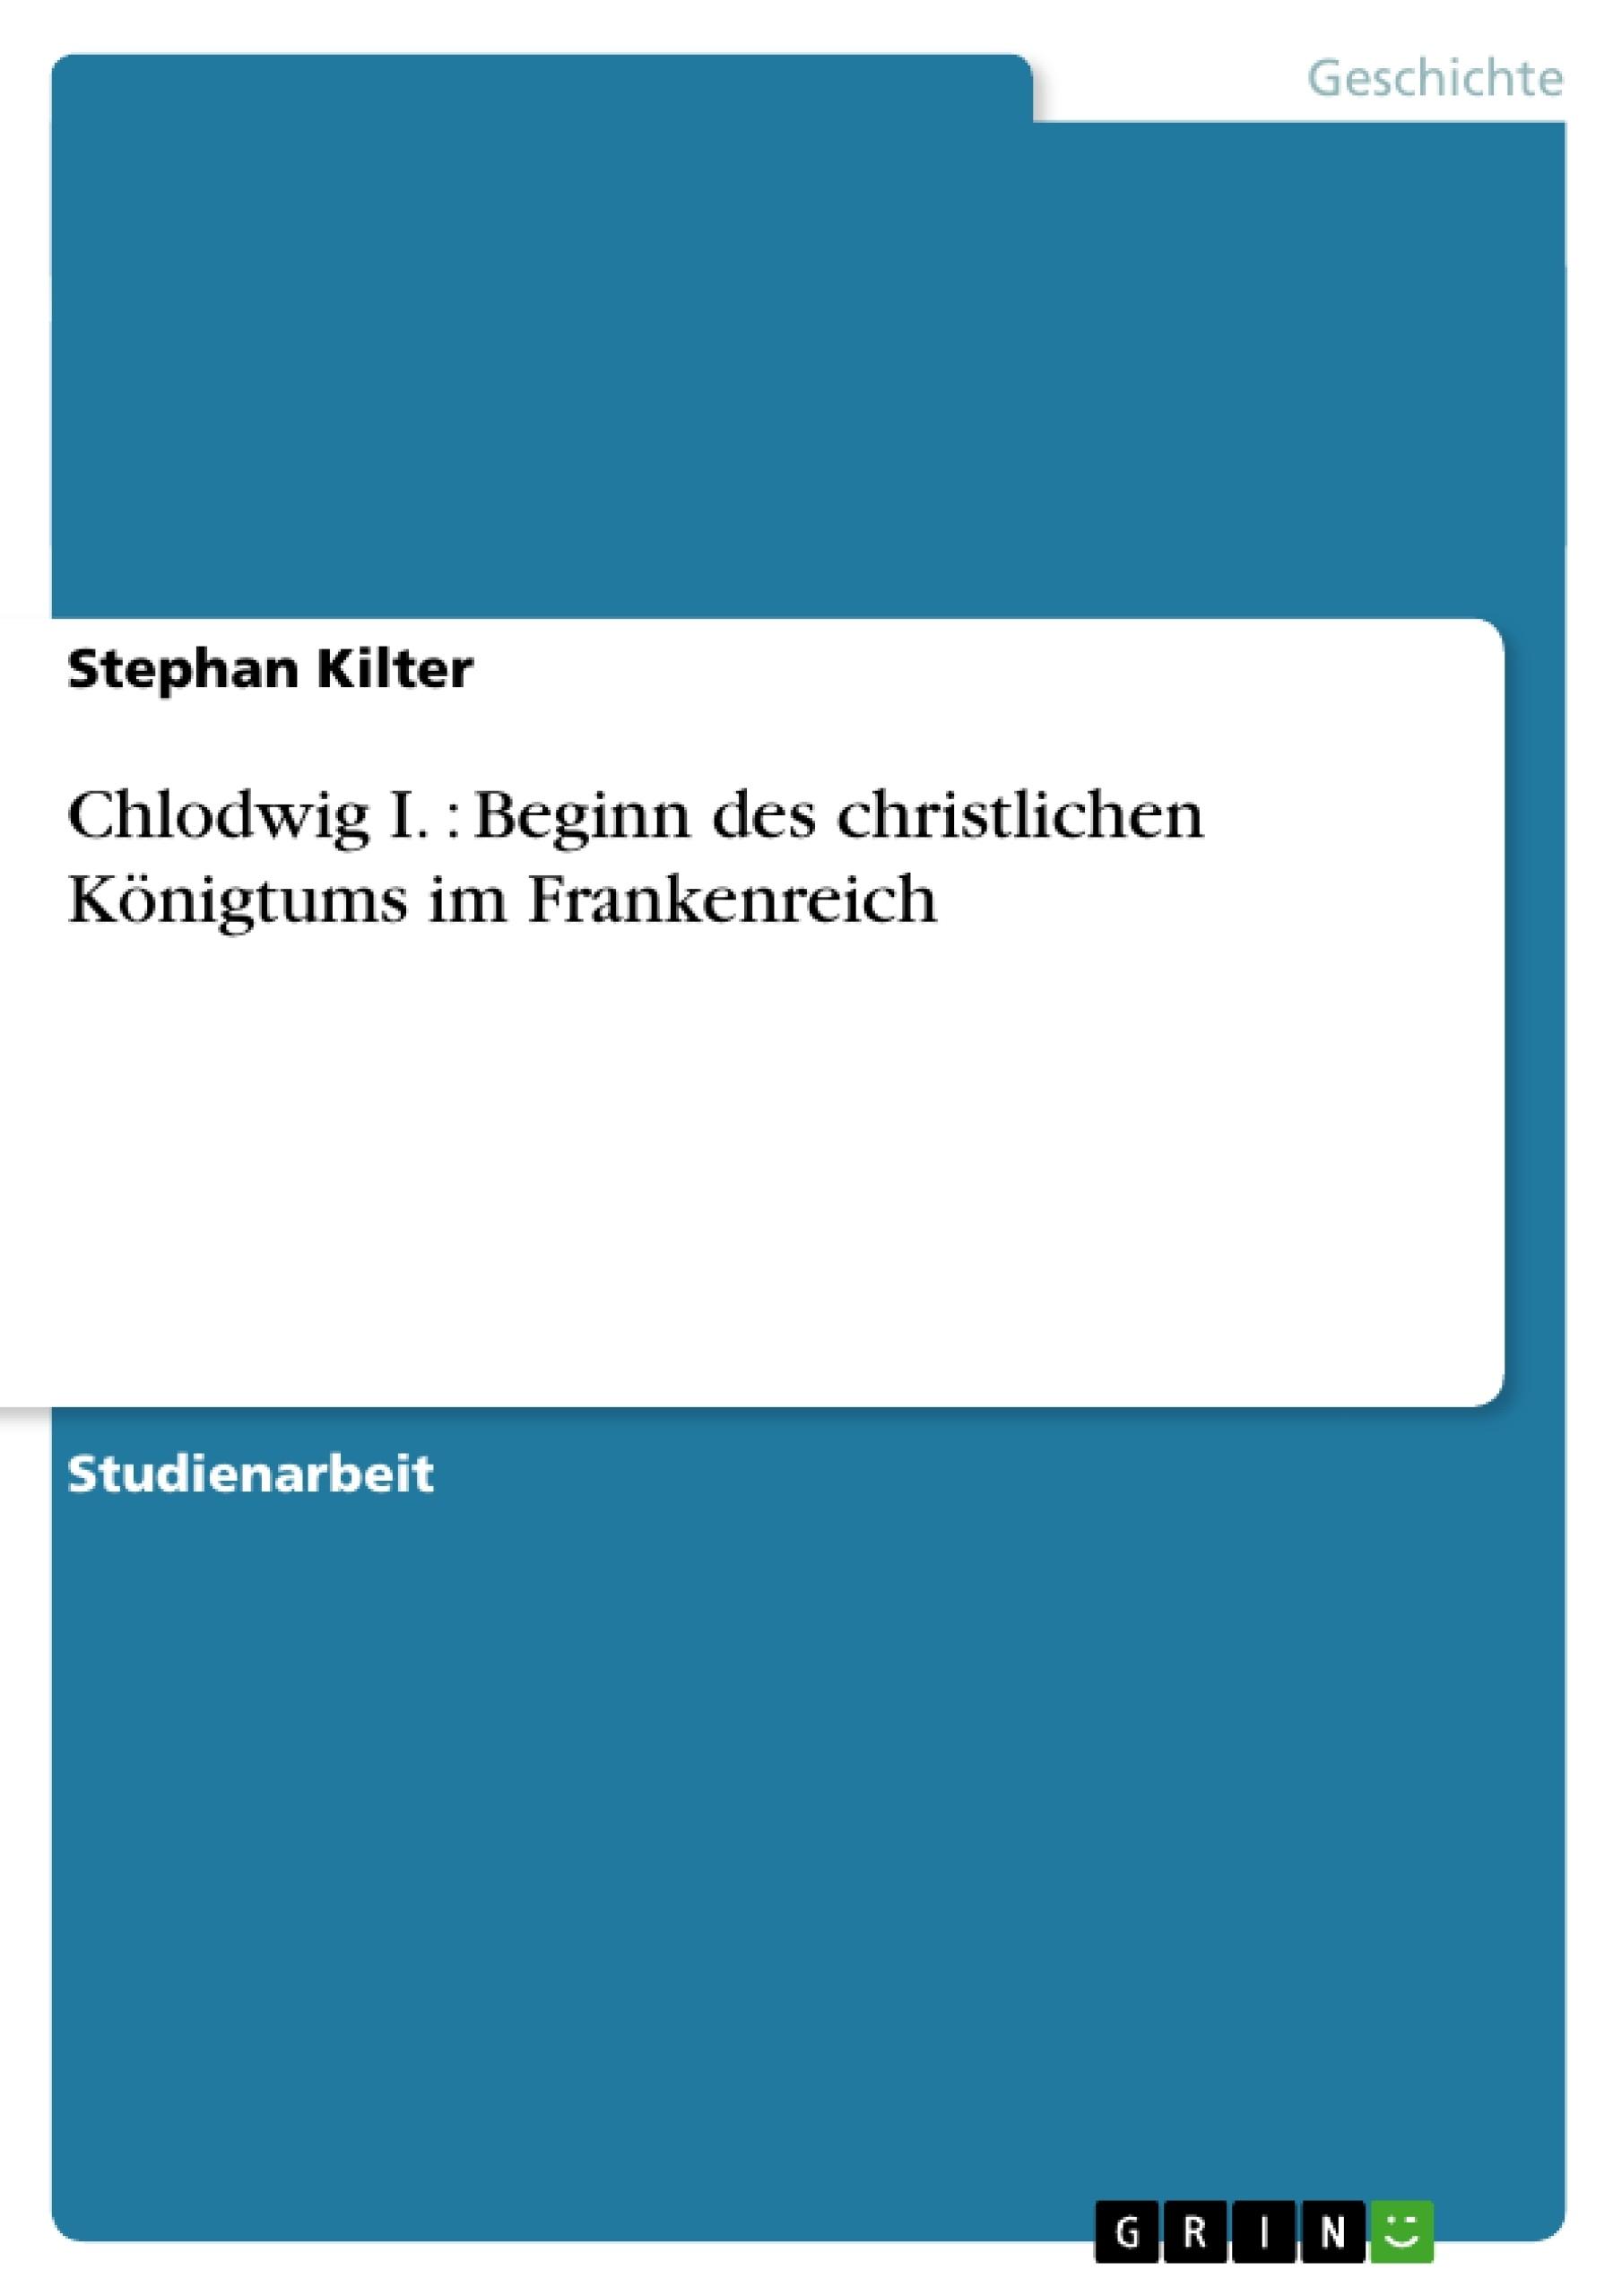 Titel: Chlodwig I. : Beginn des christlichen Königtums im Frankenreich